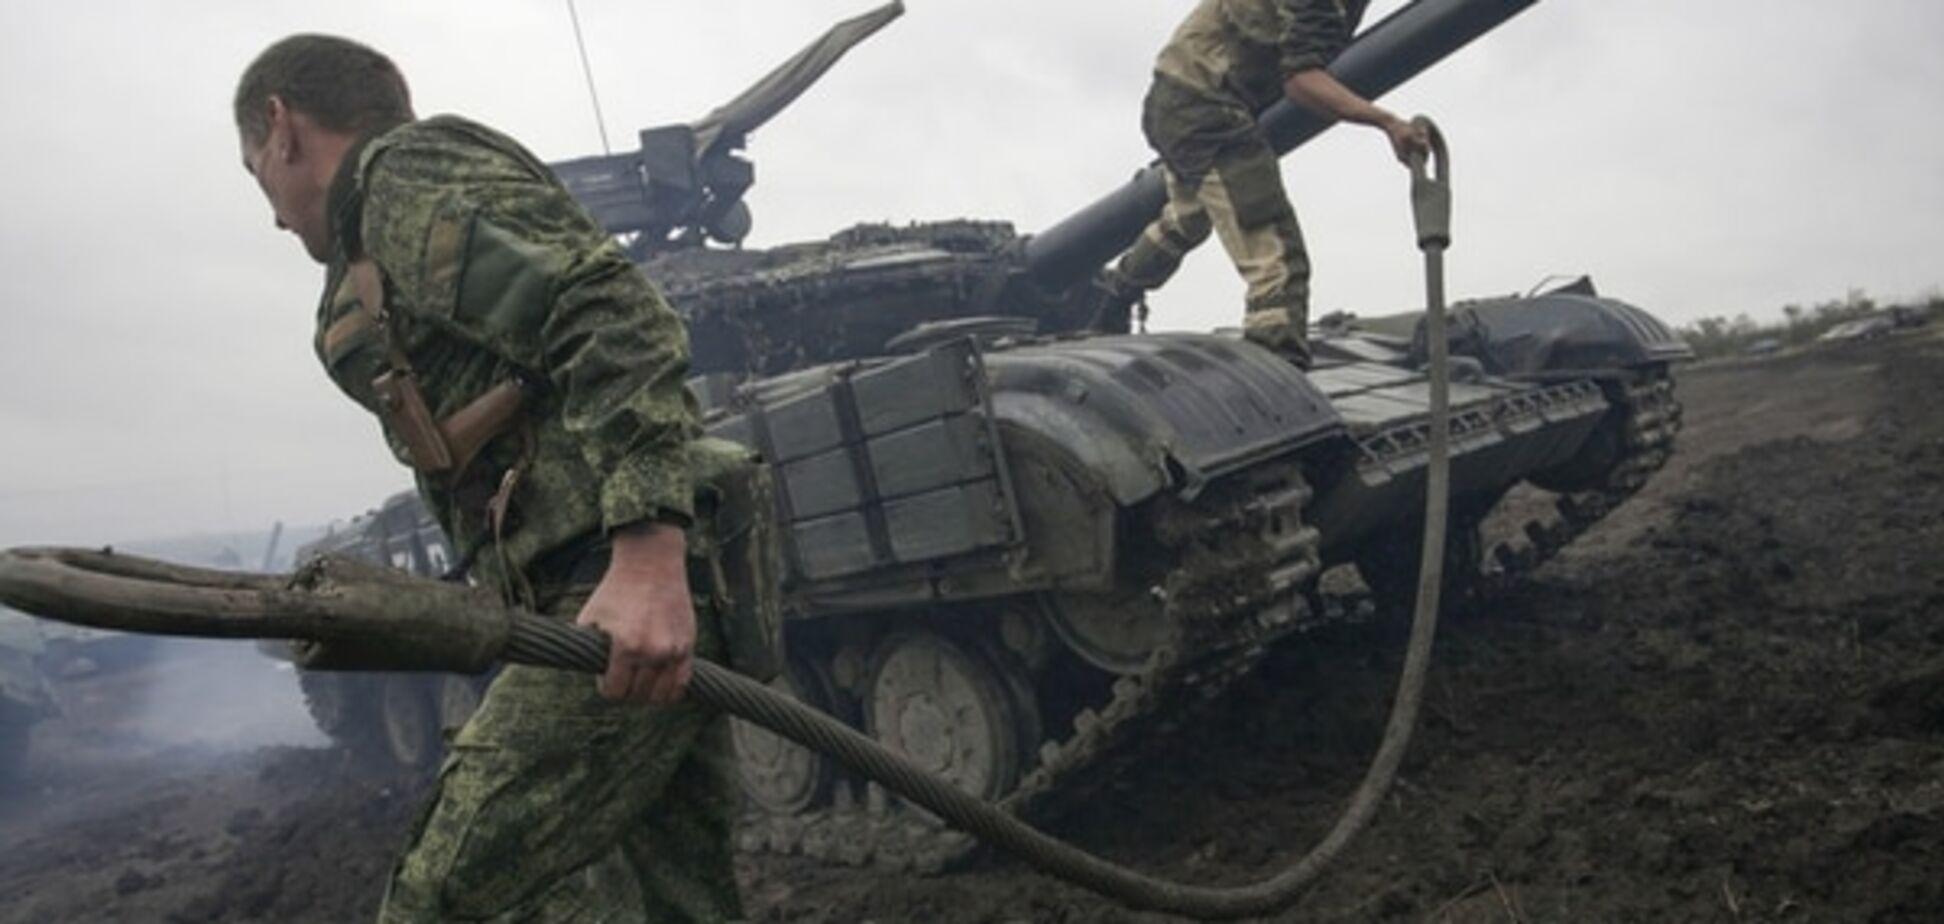 Штаб АТО раскрыл подробности конфликта среди террористов на Донбассе